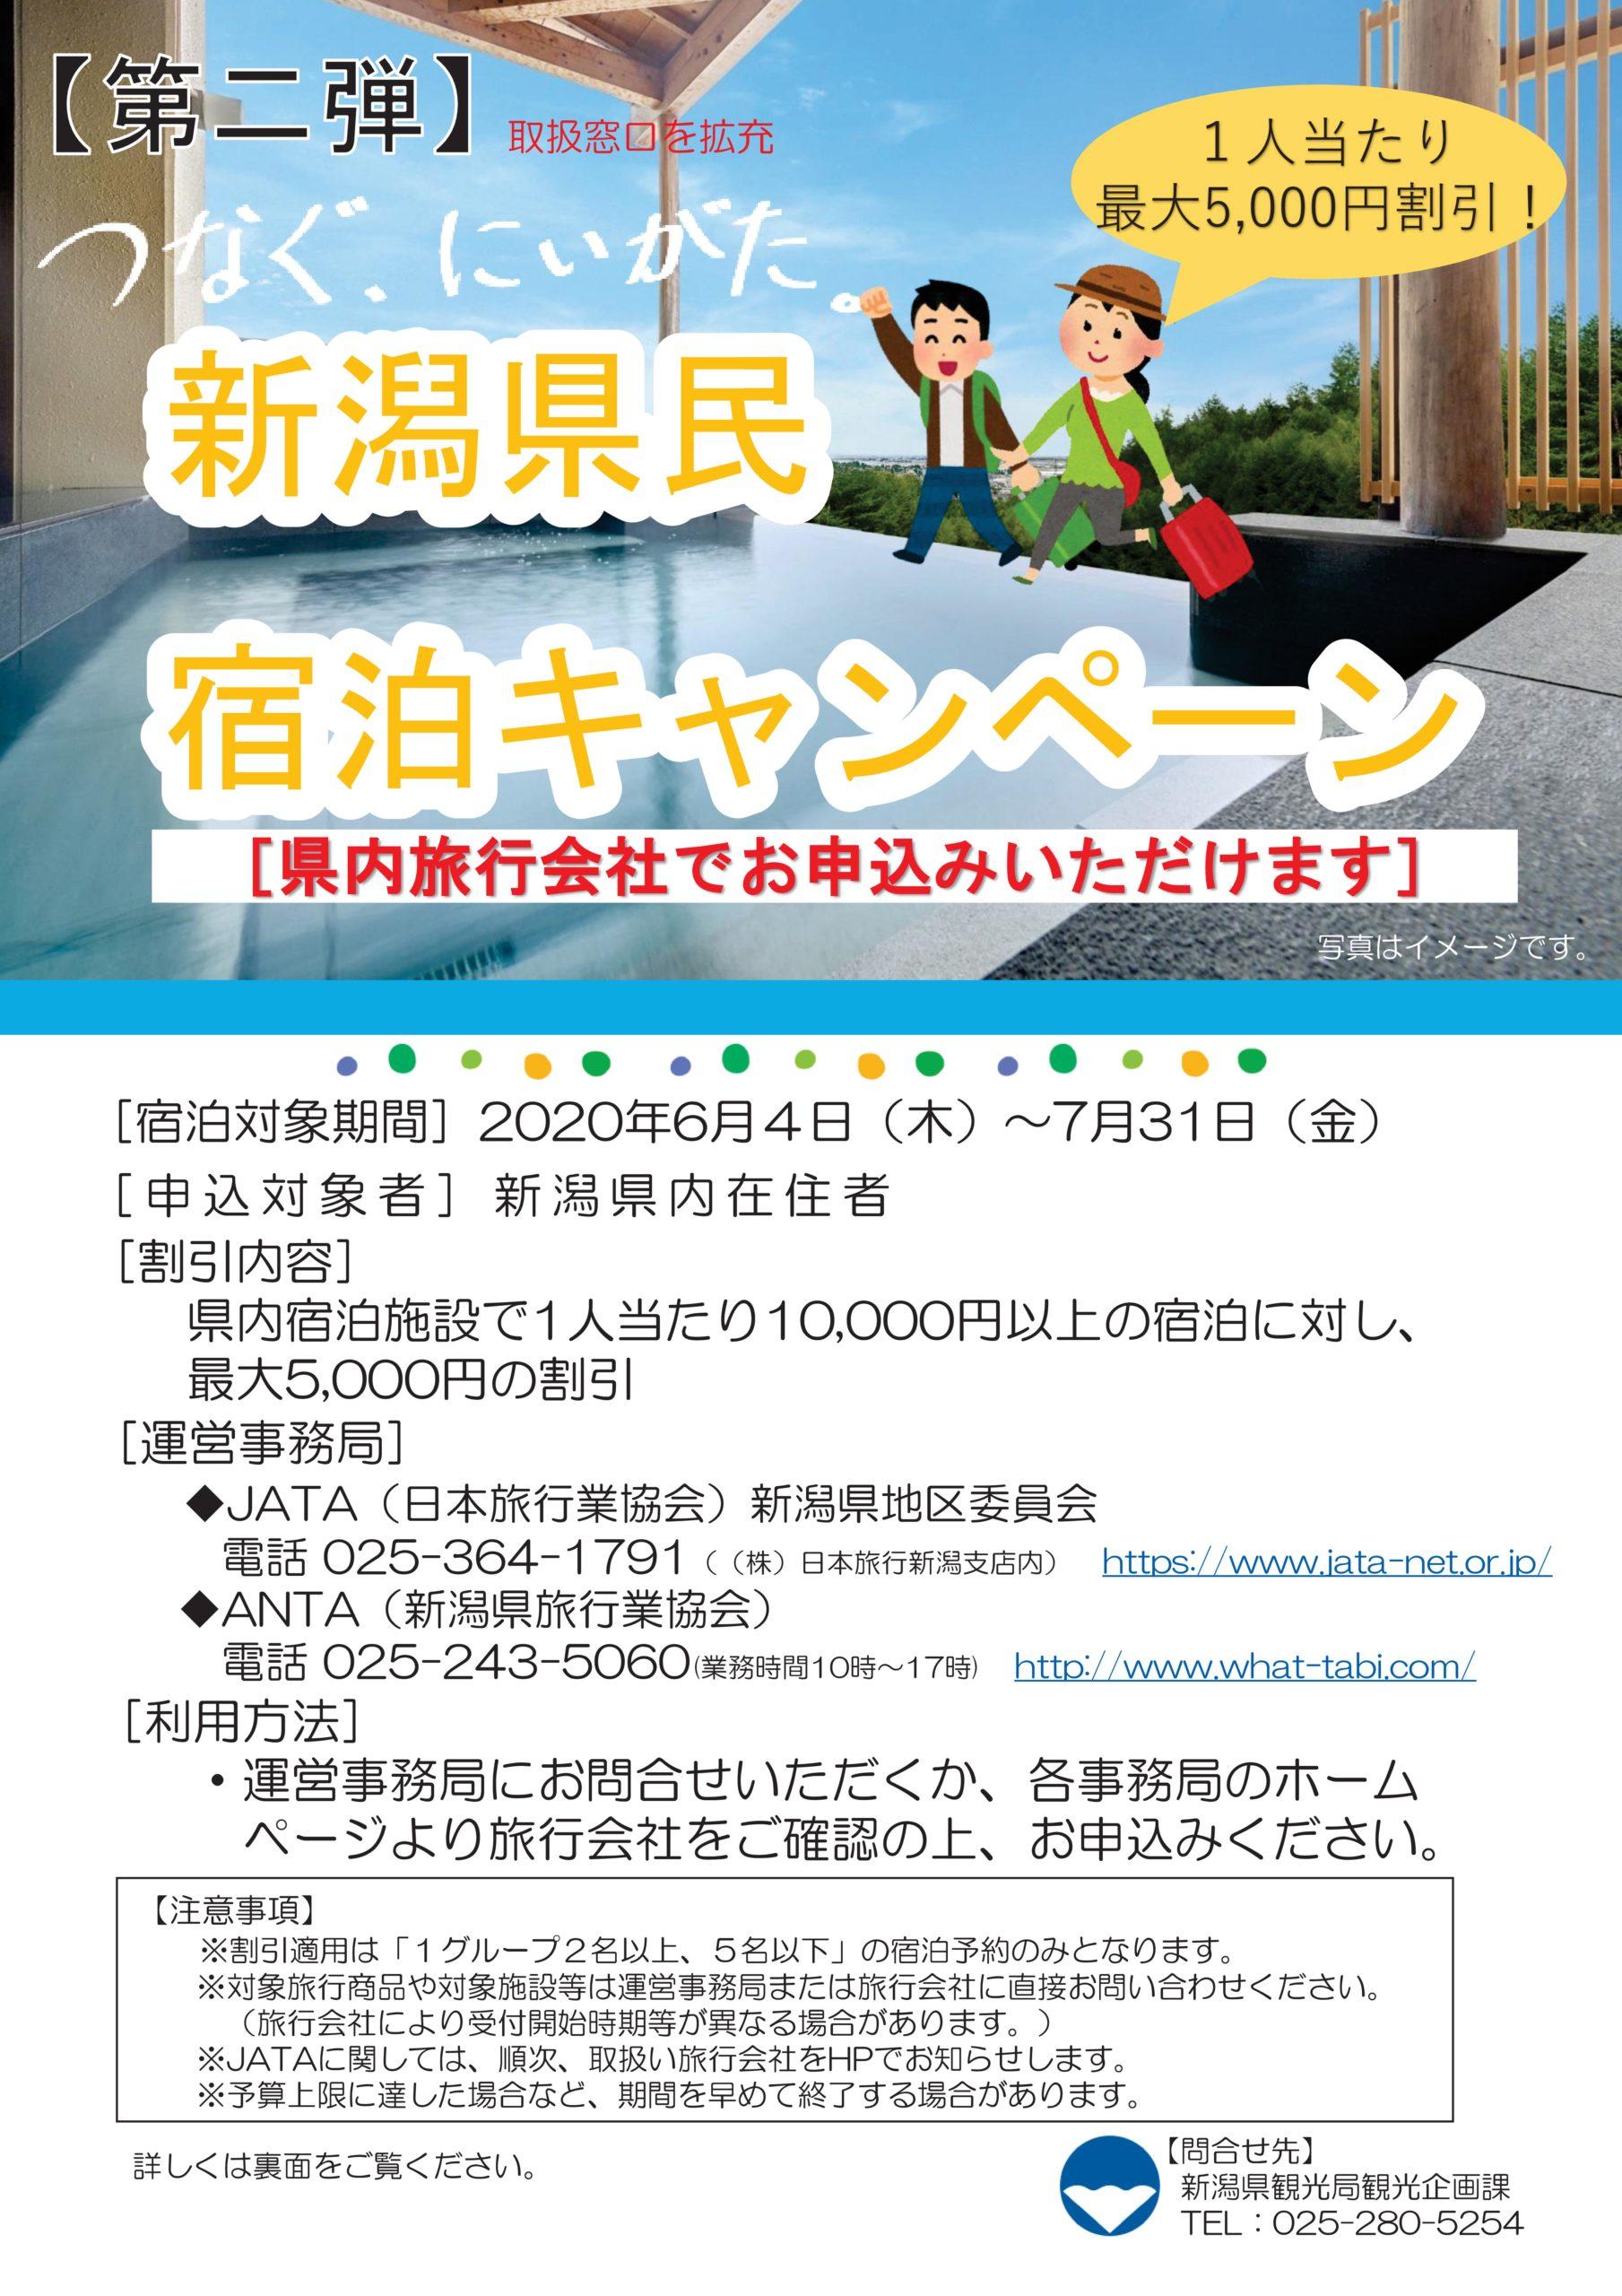 第2弾! 新潟県民向け宿泊割引キャンペーンのお知らせ